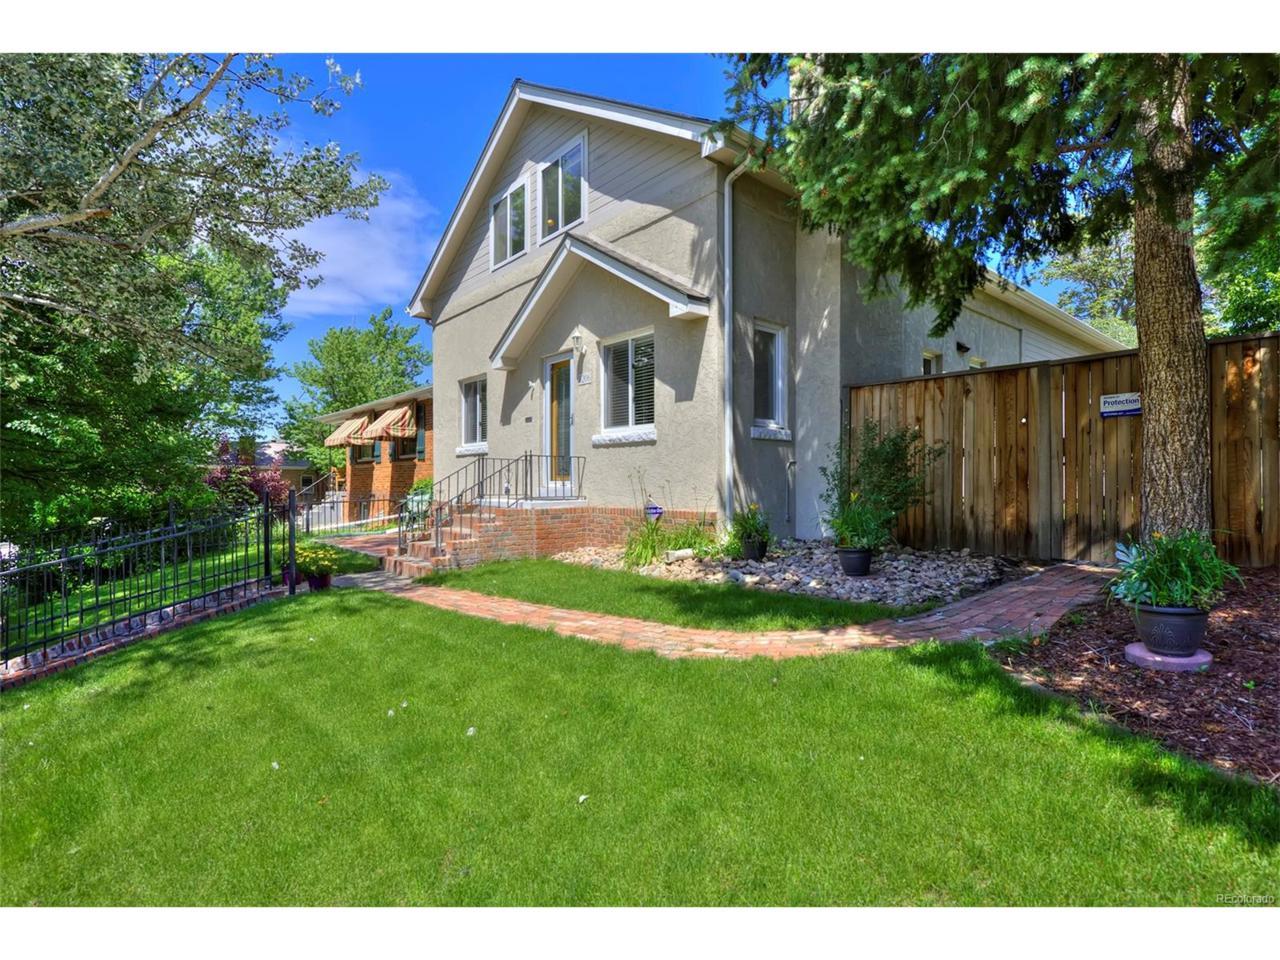 1206 S Ogden Street, Denver, CO 80210 (MLS #8780262) :: 8z Real Estate